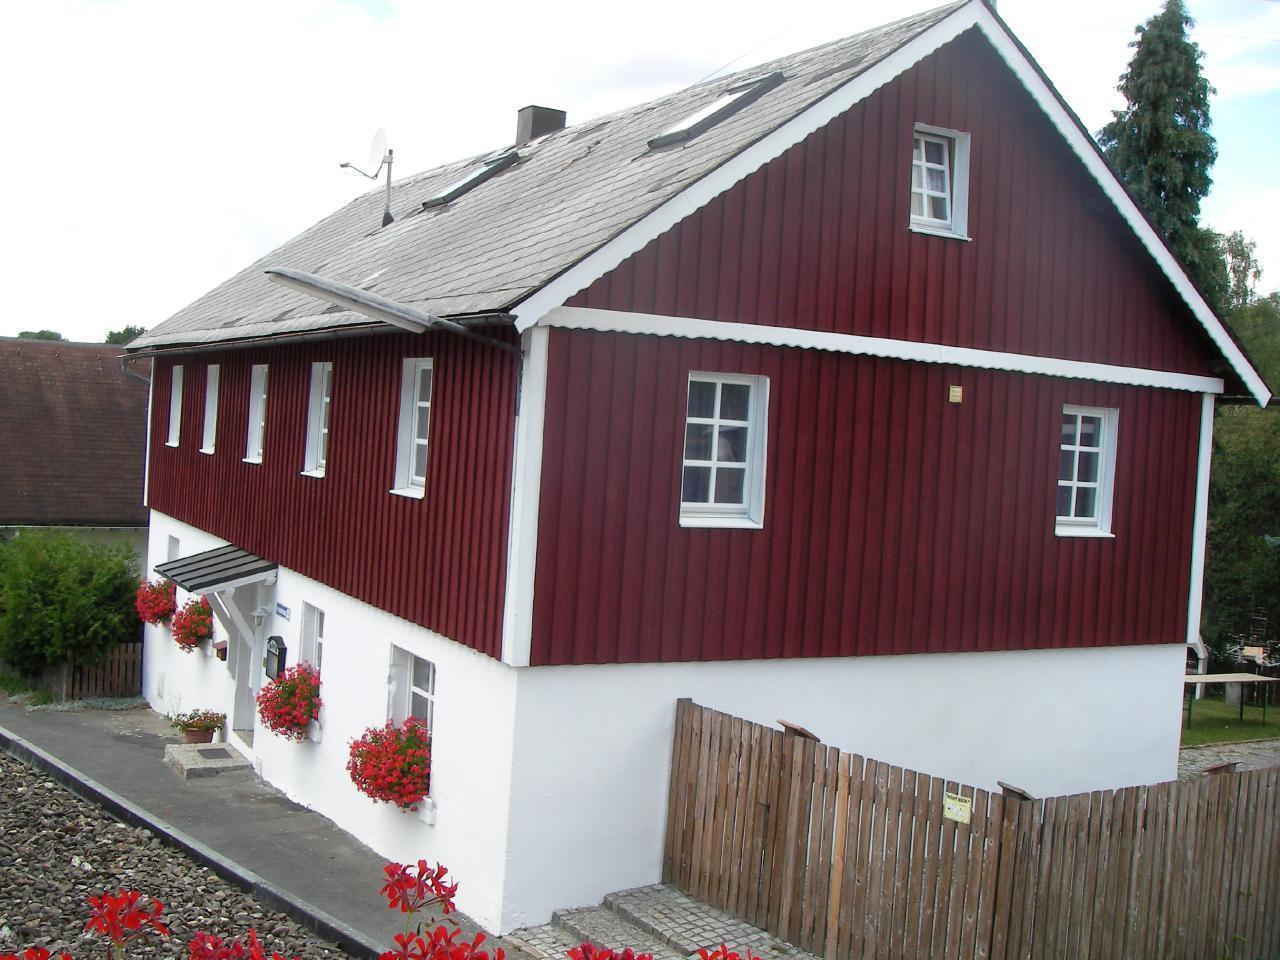 Ferienwohnung Haus Hilde Wohnung 2 (993407), Presseck, Oberfranken, Bayern, Deutschland, Bild 4